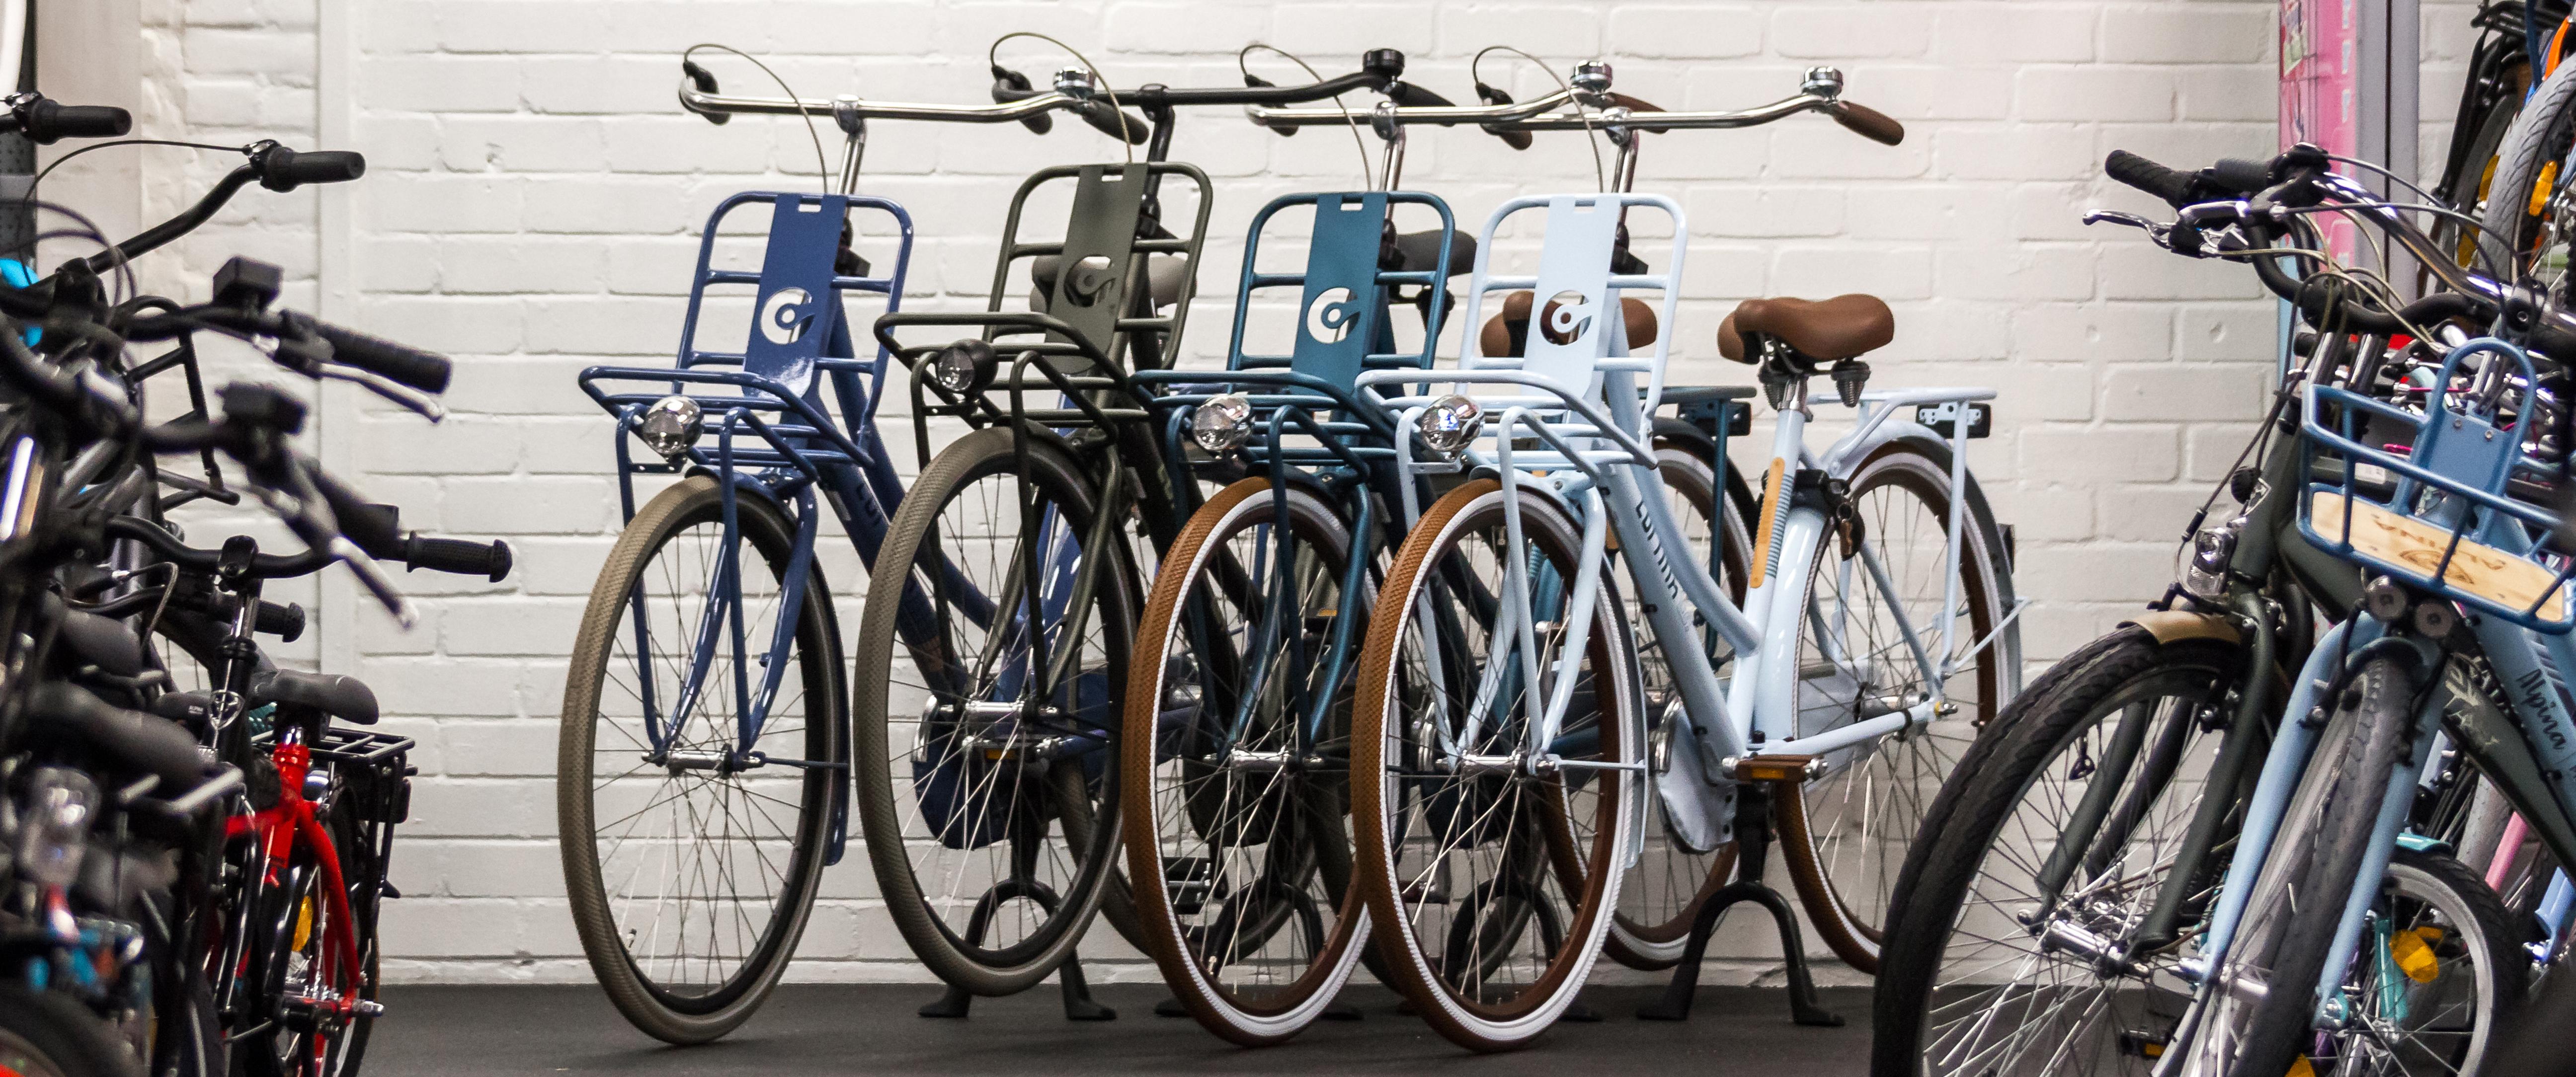 cortina fietsen op een rij